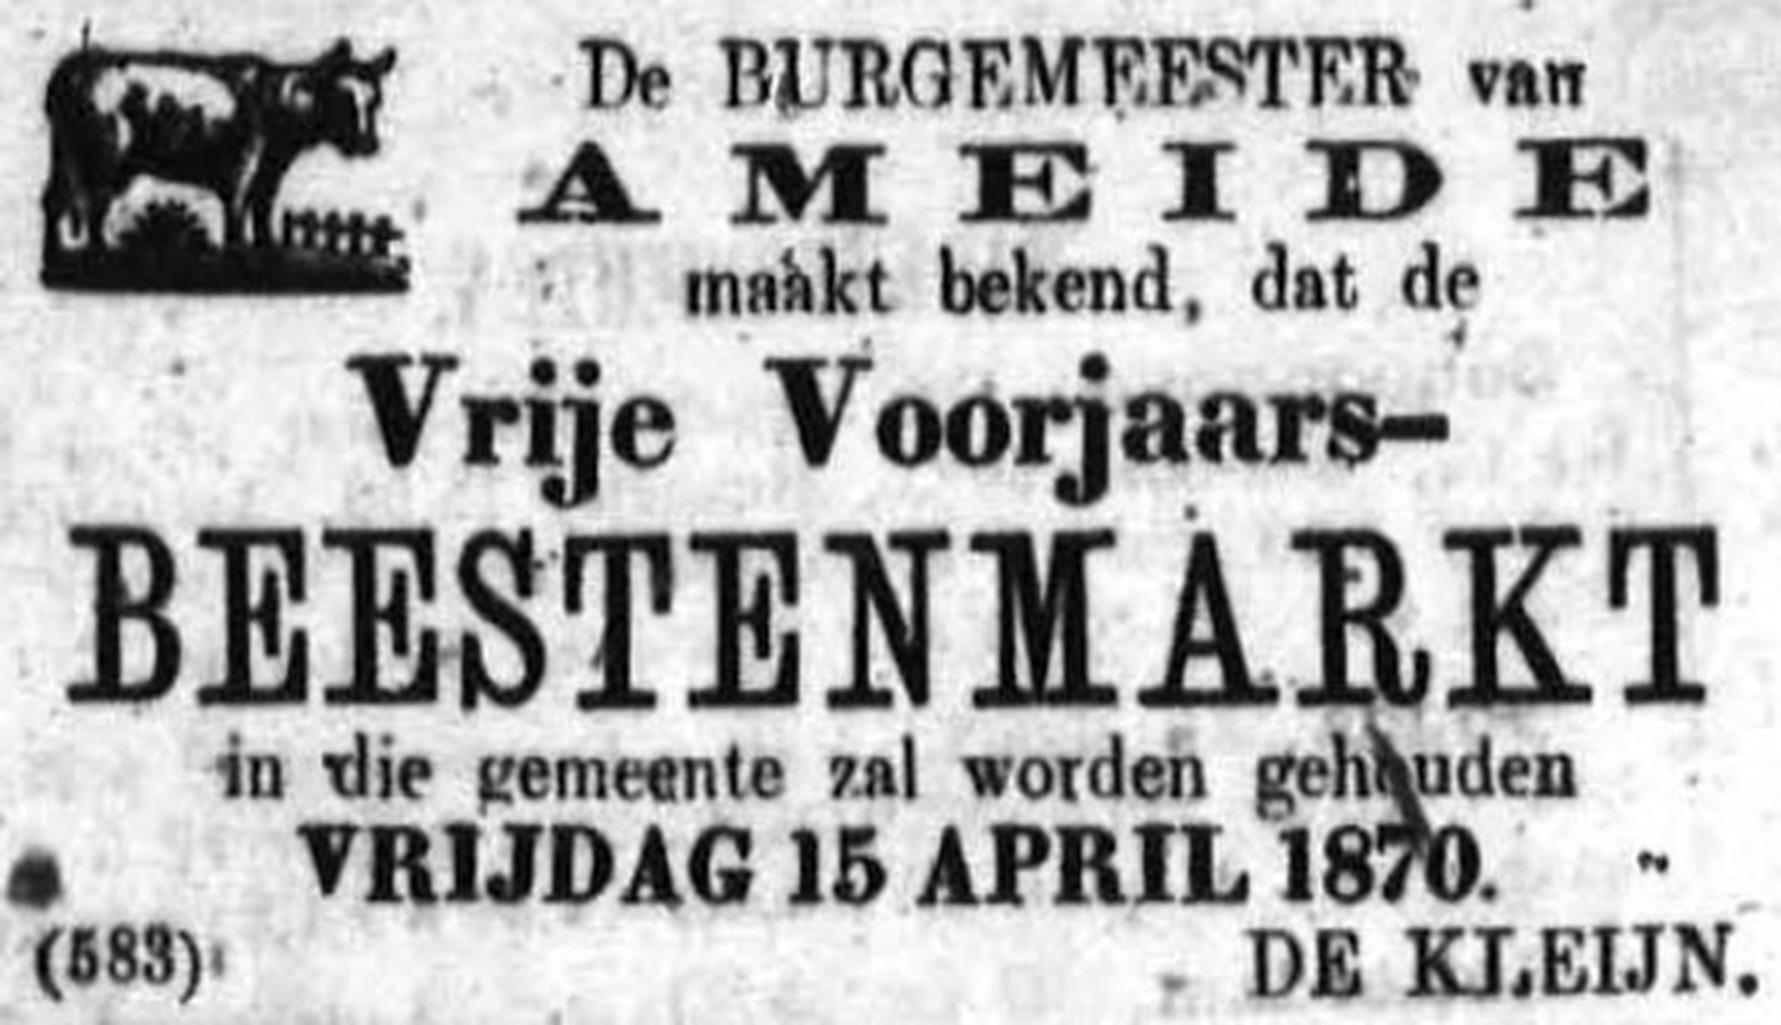 Schoonhovensche Courant 00040 1870-04-03 artikel 1